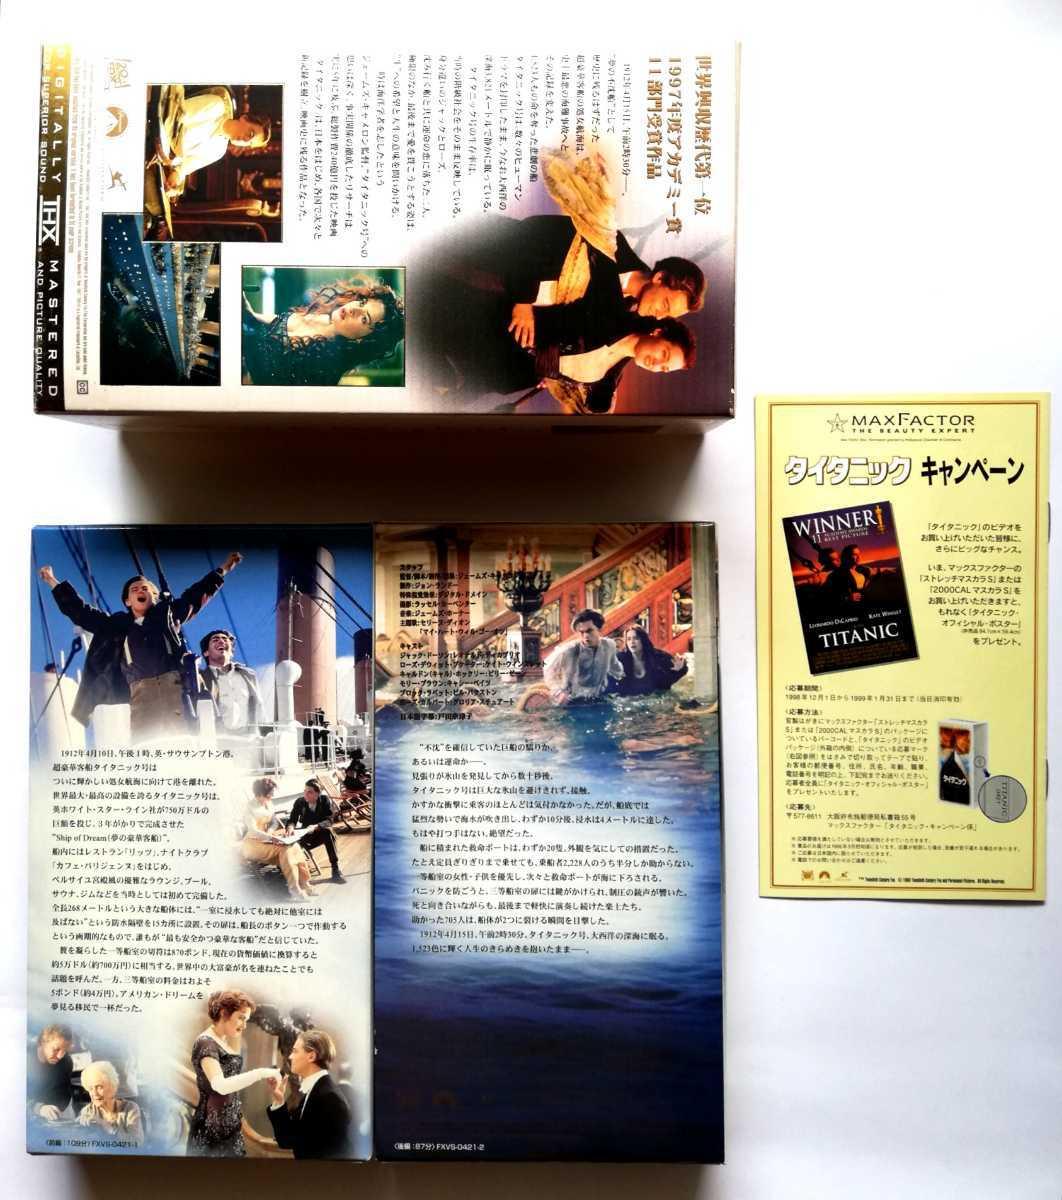 タイタニック TITANIC ゴースト カサブランカ まとめてお得♪ ジェームズ・キャメロン レオナルド・ディカプリオ VHS ビデオテープ_画像5